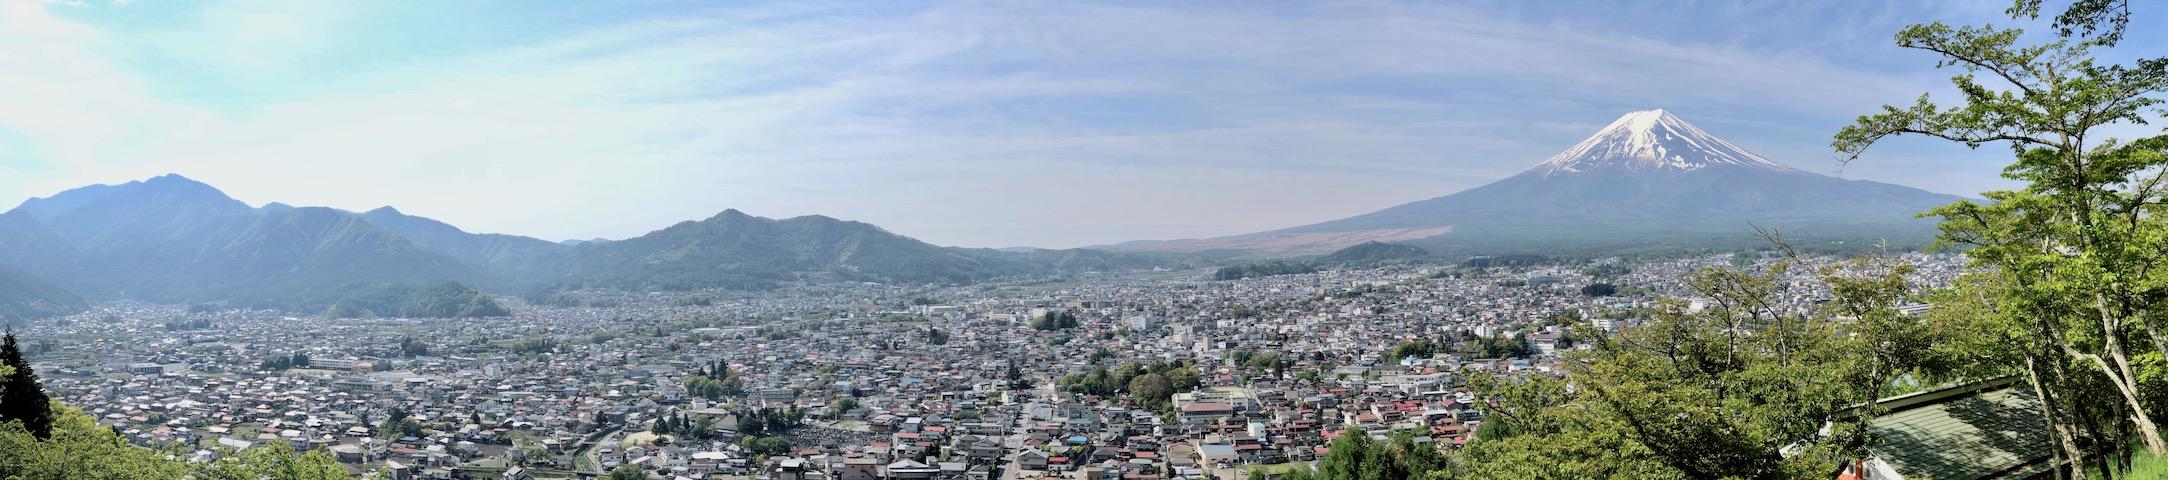 新倉山浅間公園から眺める富士吉田市のパノラマ景色